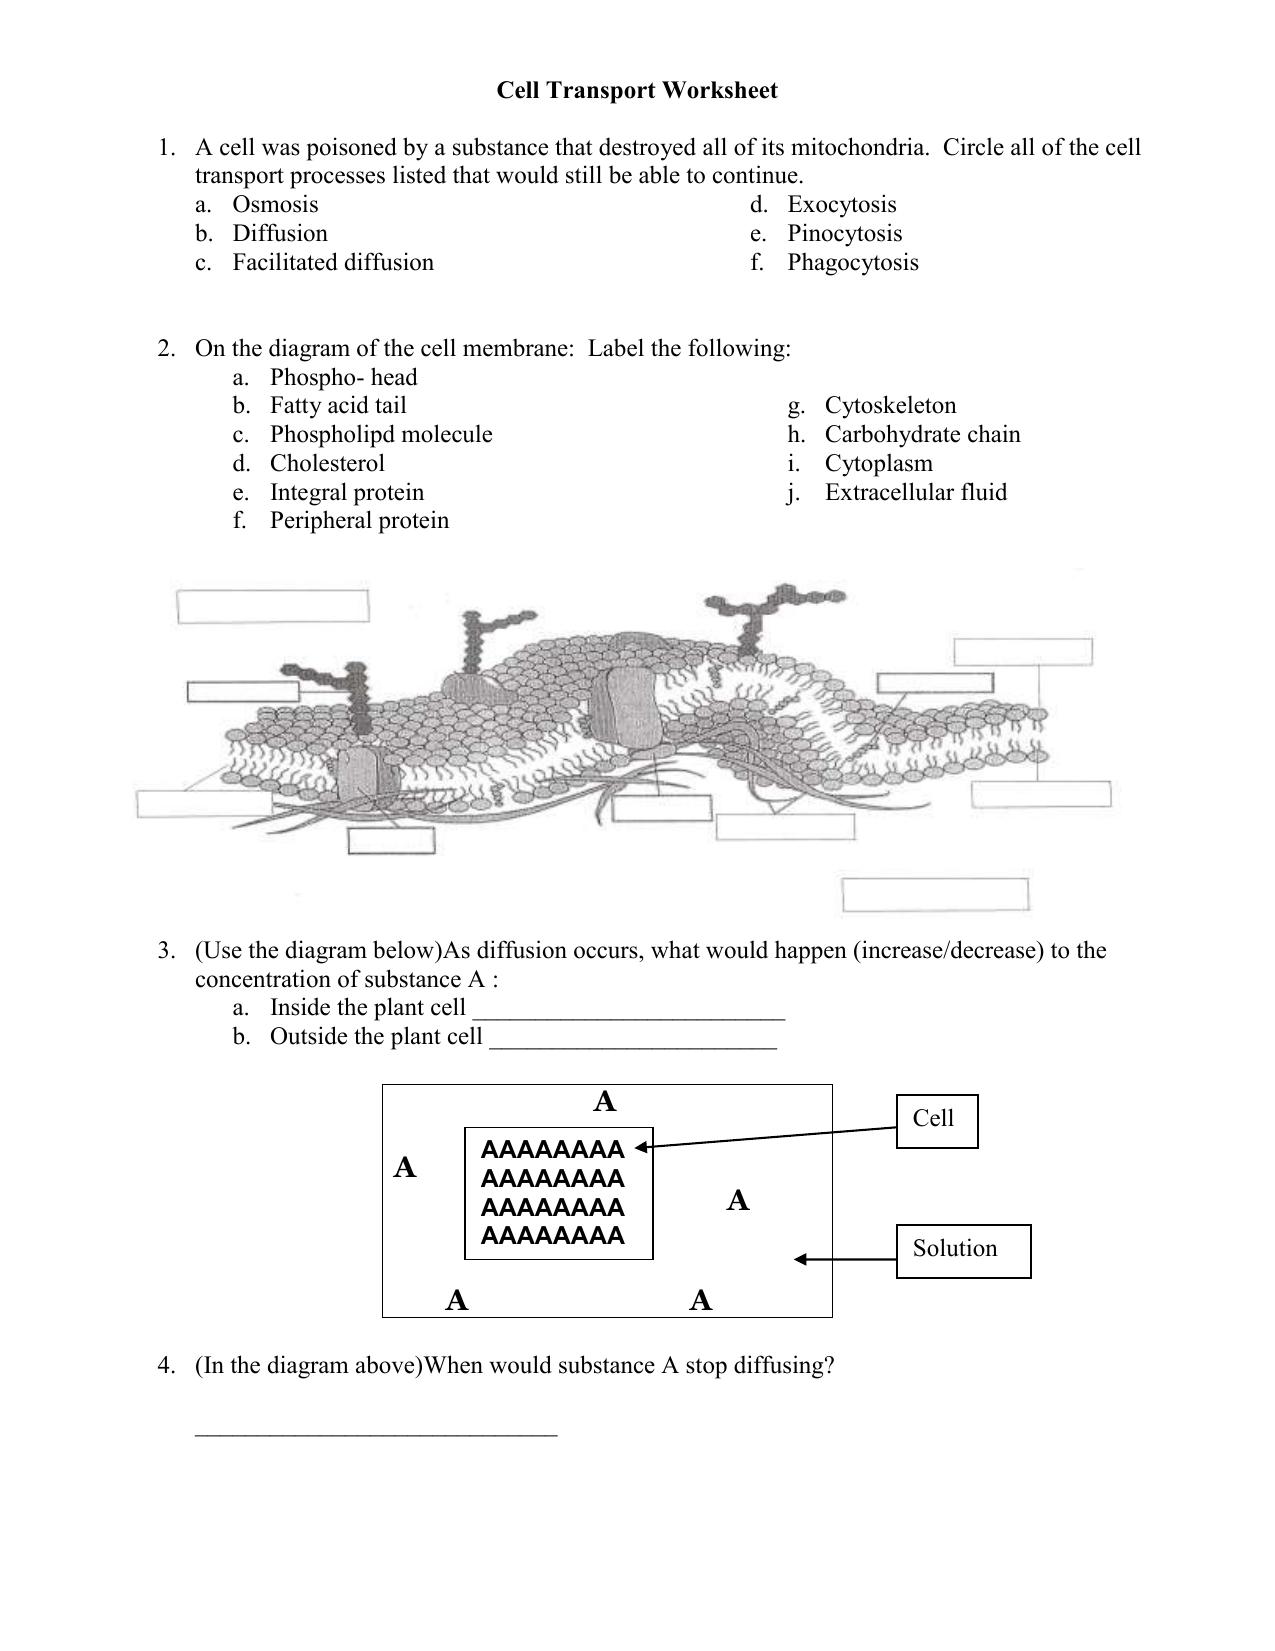 Pre-AP Biology Cell Transport Worksheet